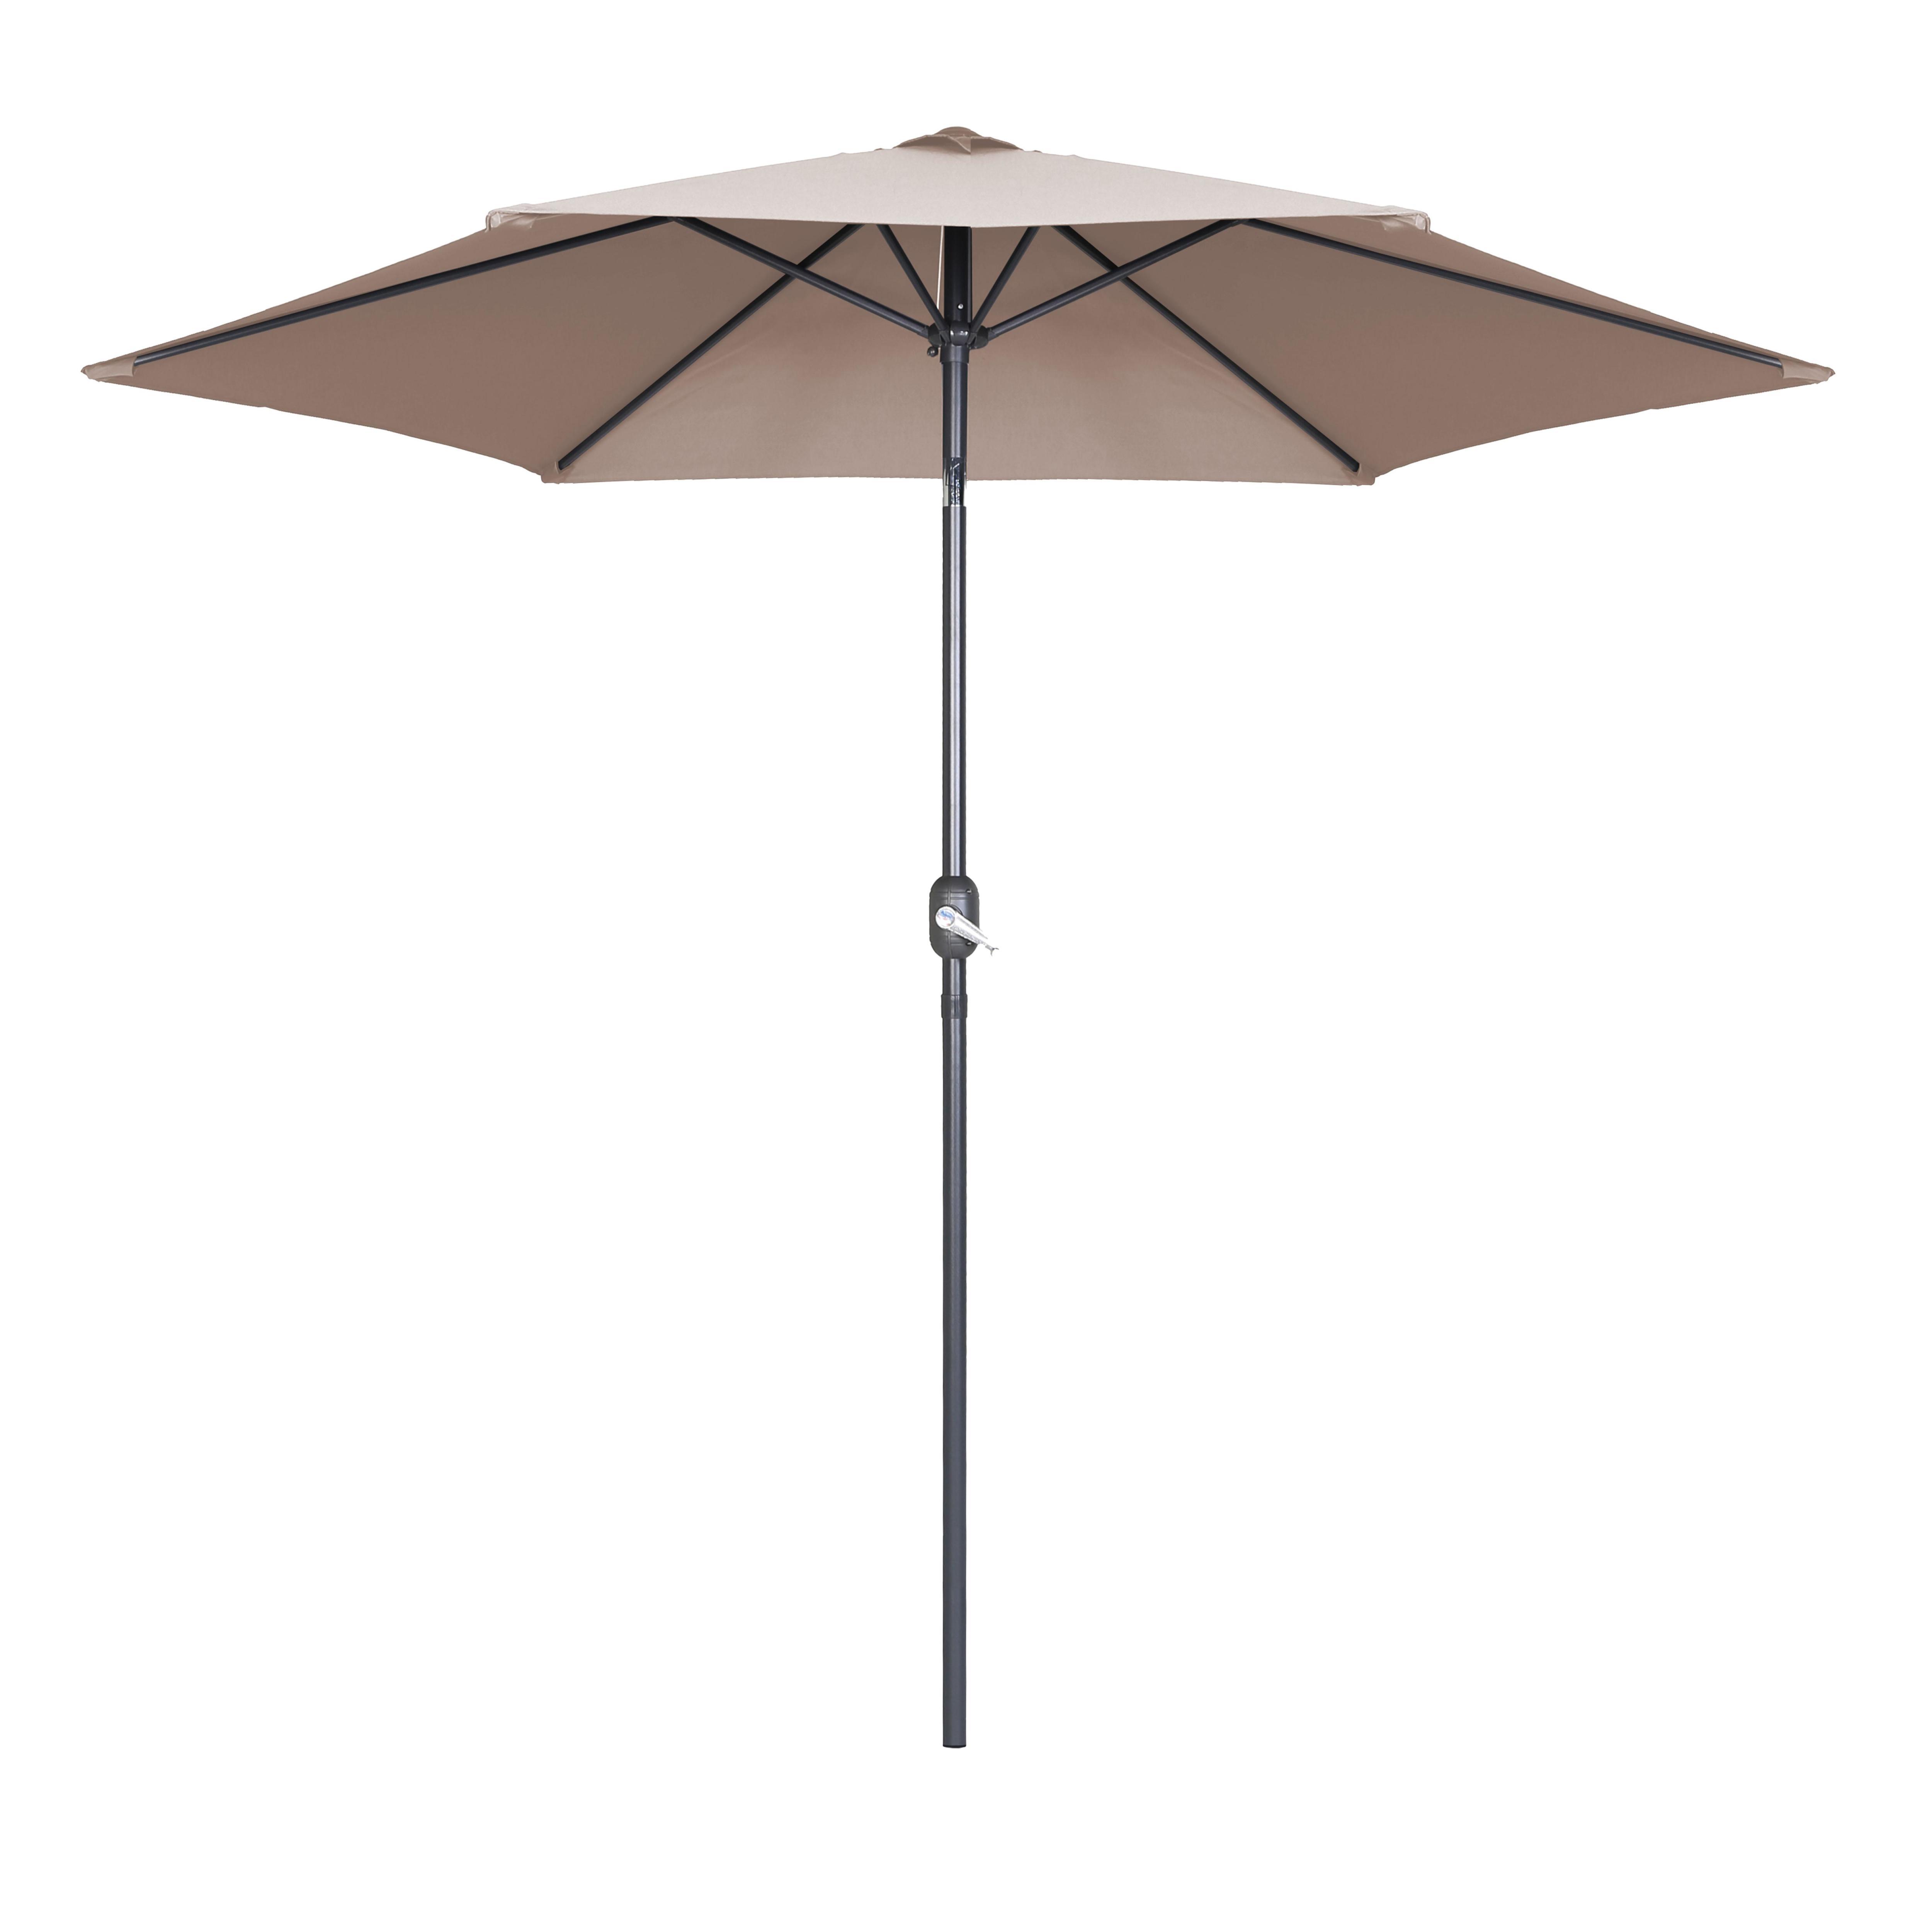 Parasol droit à manivelle inclinable  en aluminium taupe